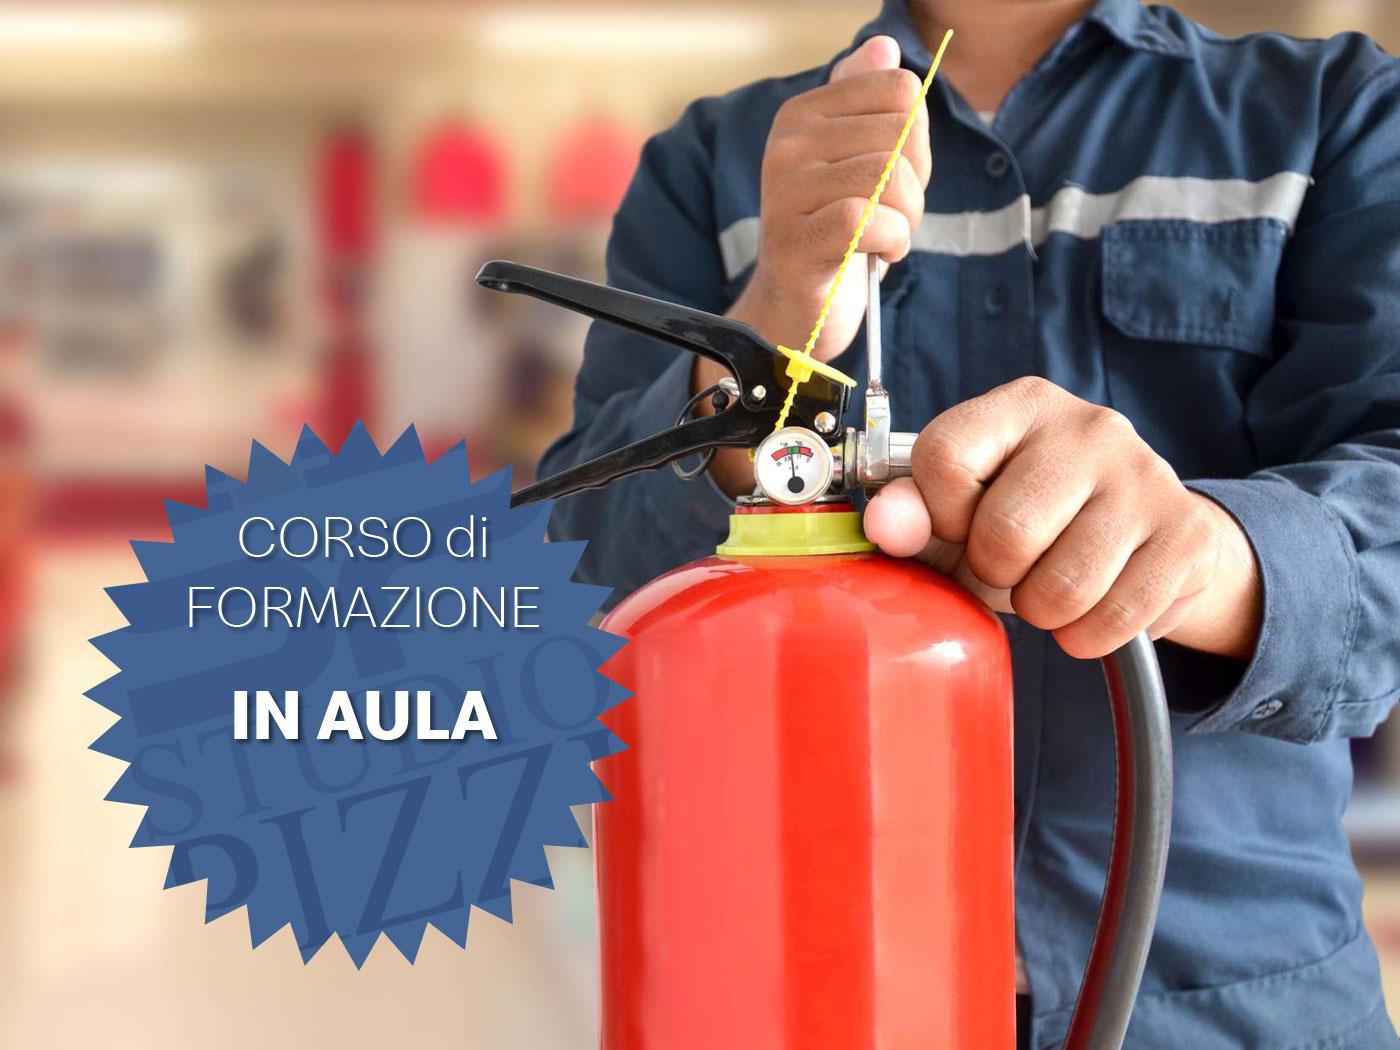 Studio PIZZI - formazione antincendio - aula